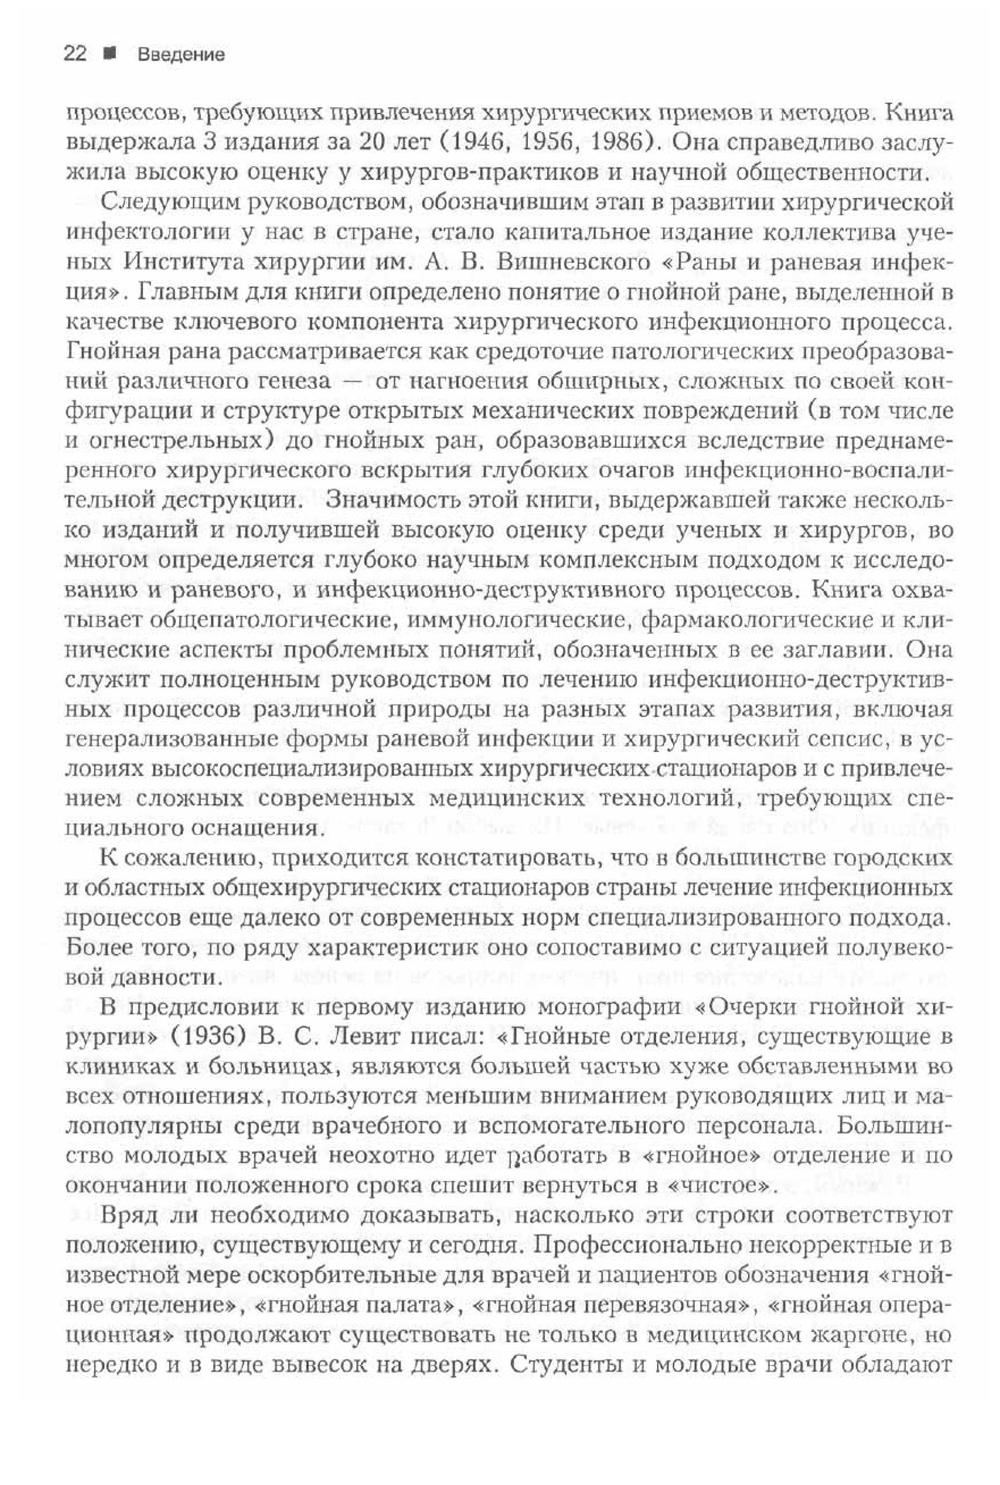 http://ipic.su/img/img7/fs/Vvedenie_019.1592659175.jpg